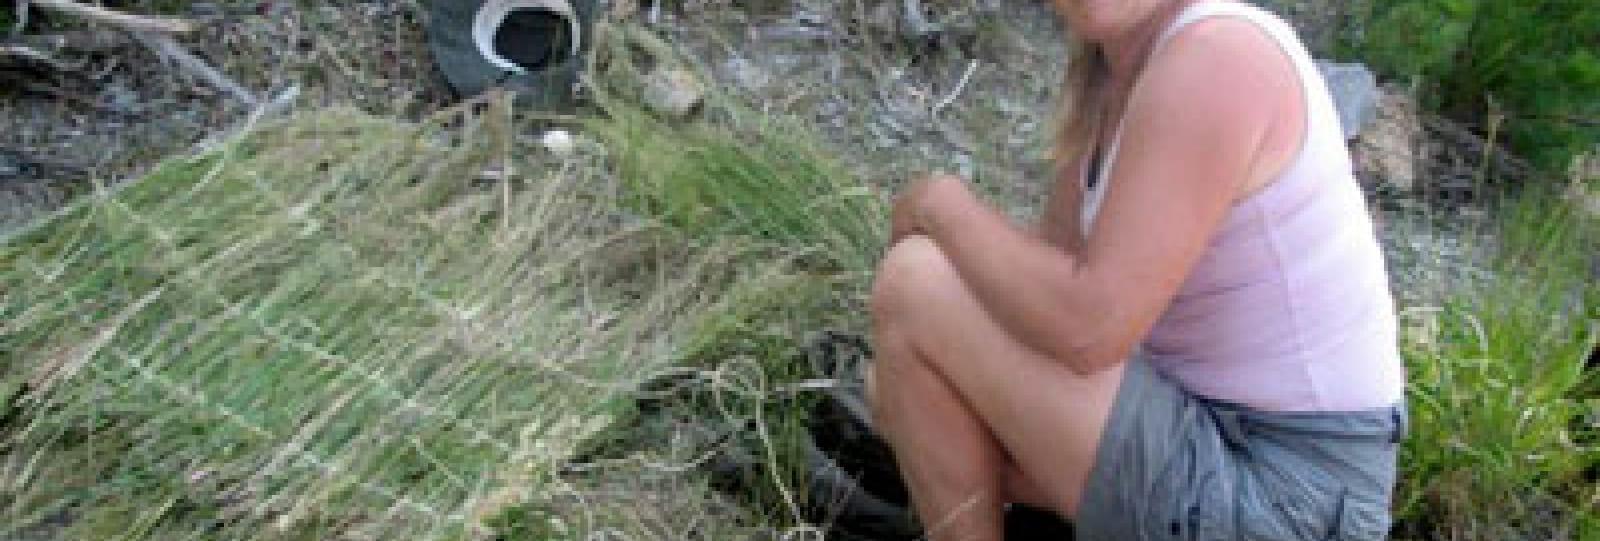 Rando Vie en nature avec Leva Neve